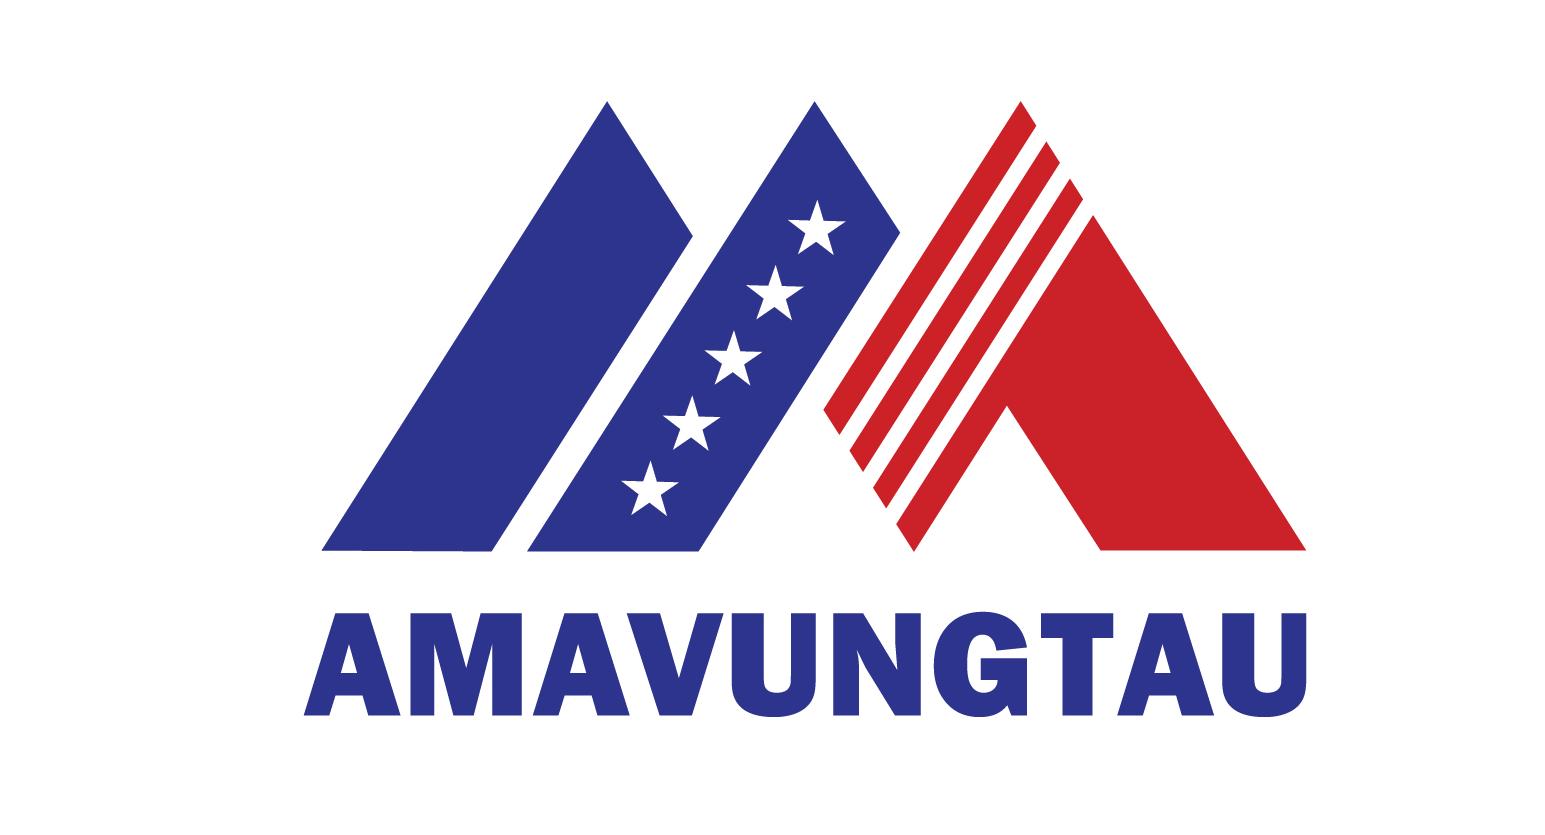 Kết quả hình ảnh cho ama vung tau logo